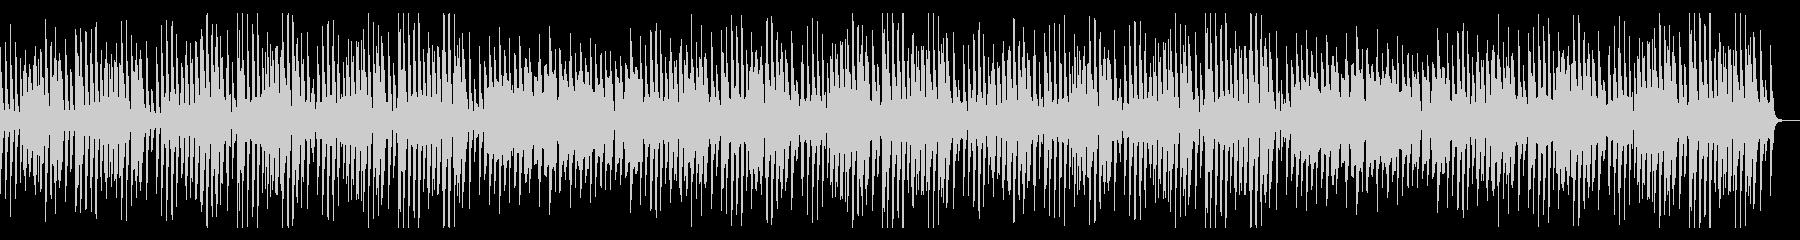 ほのぼのとした日常を表した可愛いBGMの未再生の波形